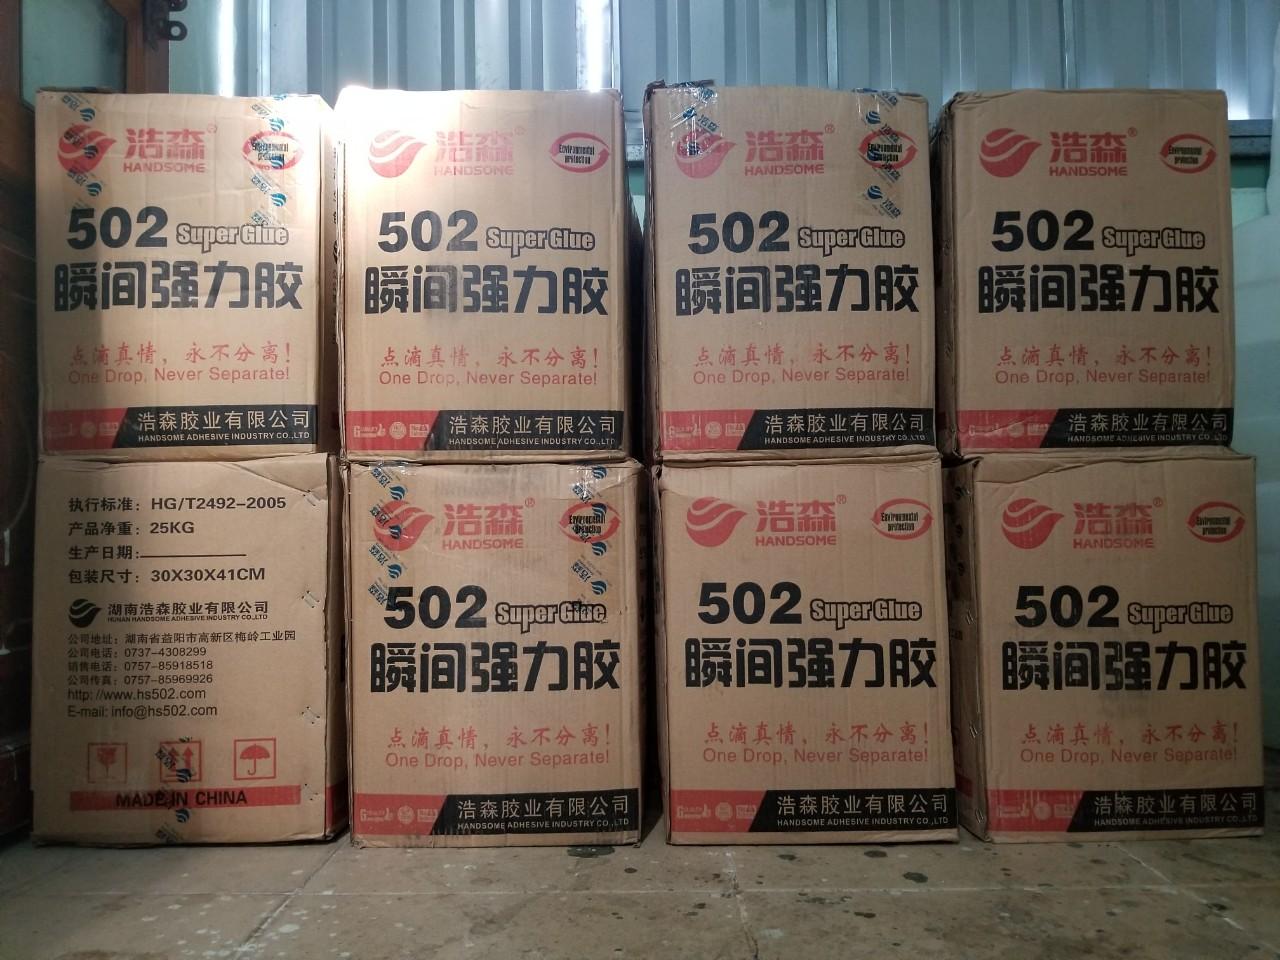 502 YunHai